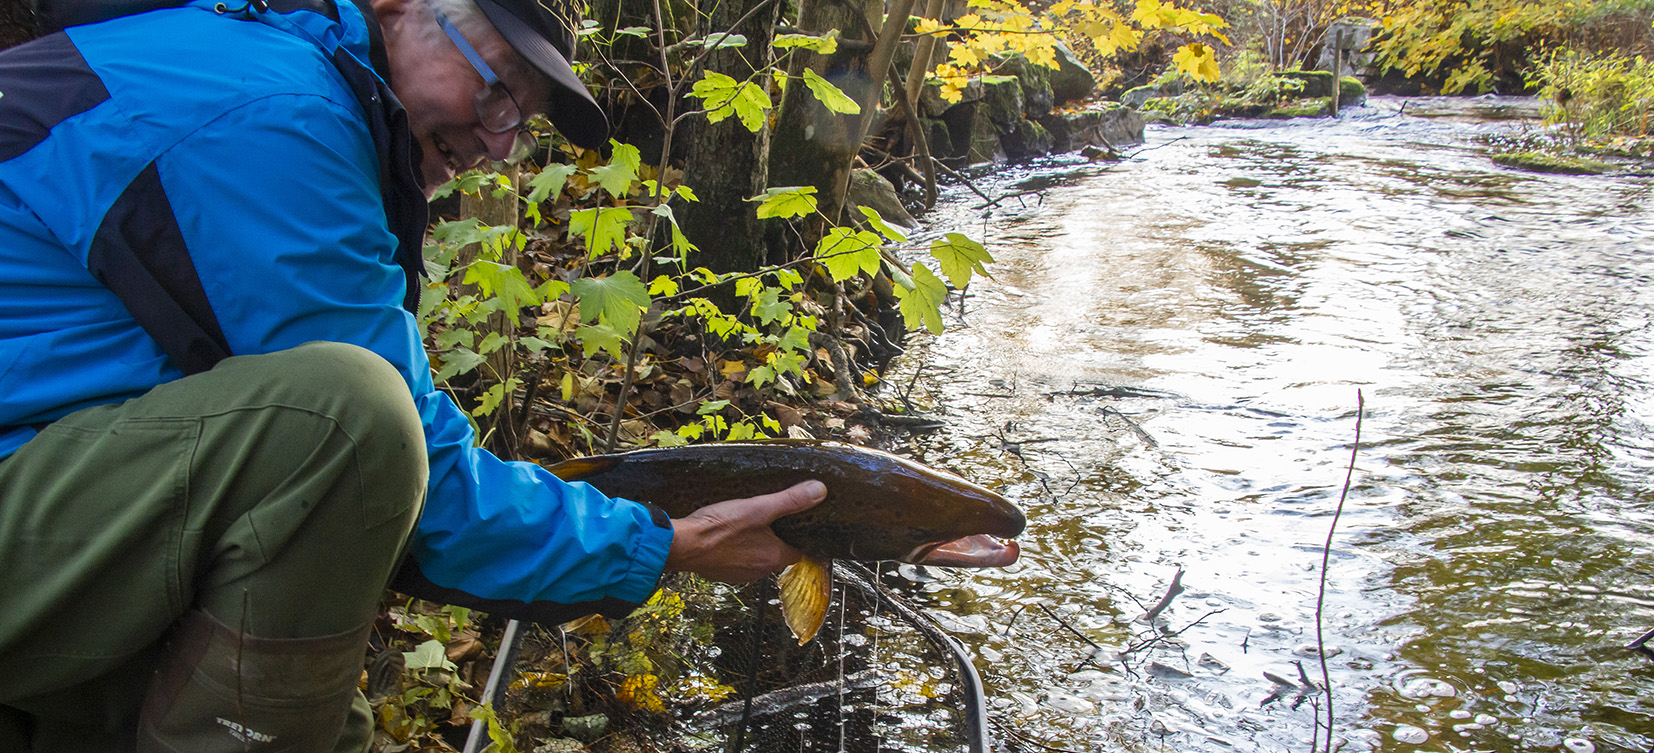 Laxar flyttas uppströms i vattensystemet